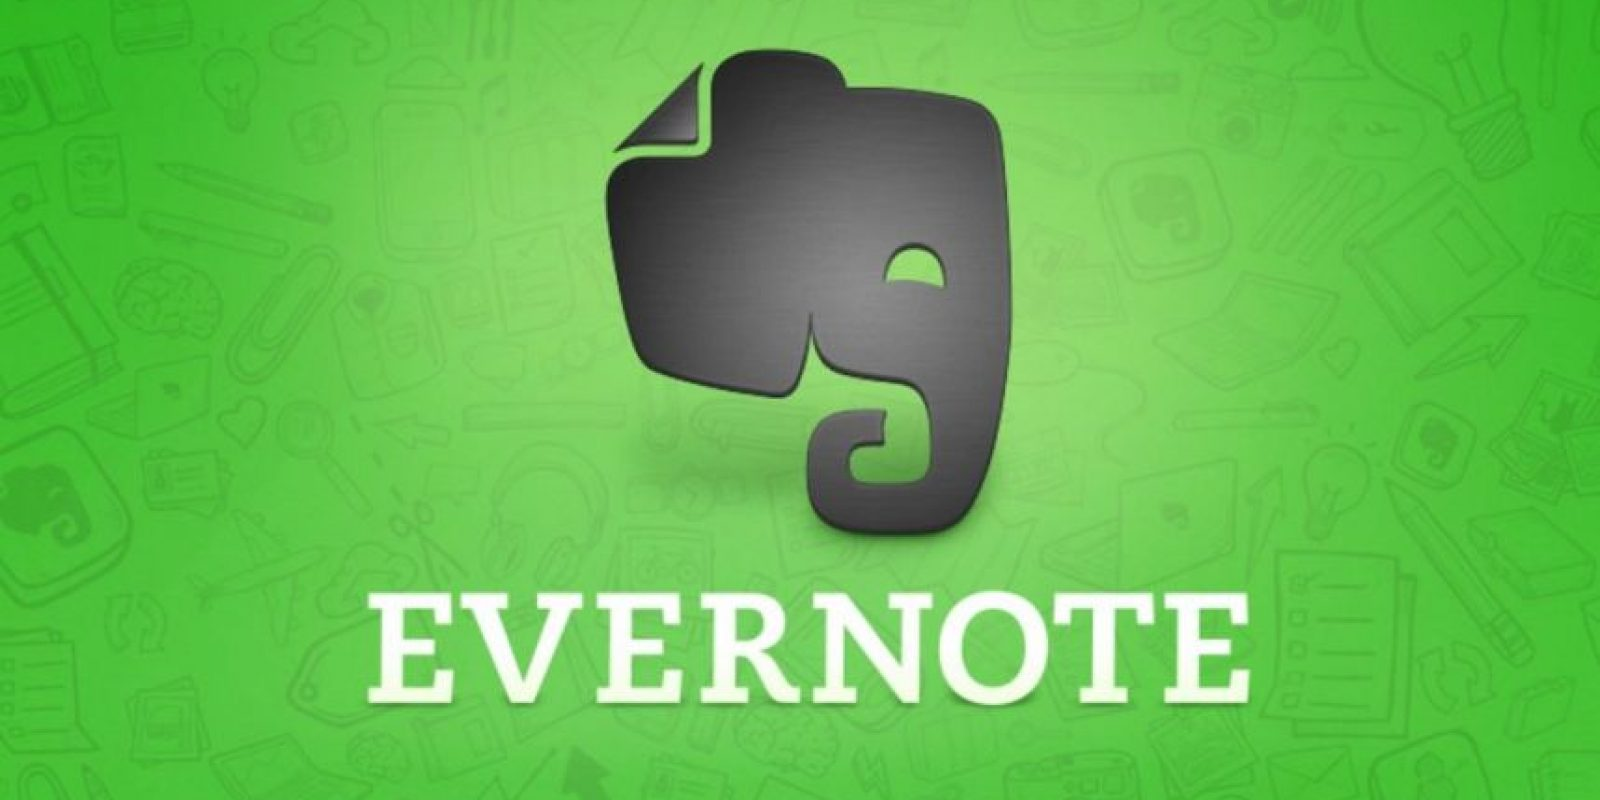 12- Evernote. Foto:Evernote